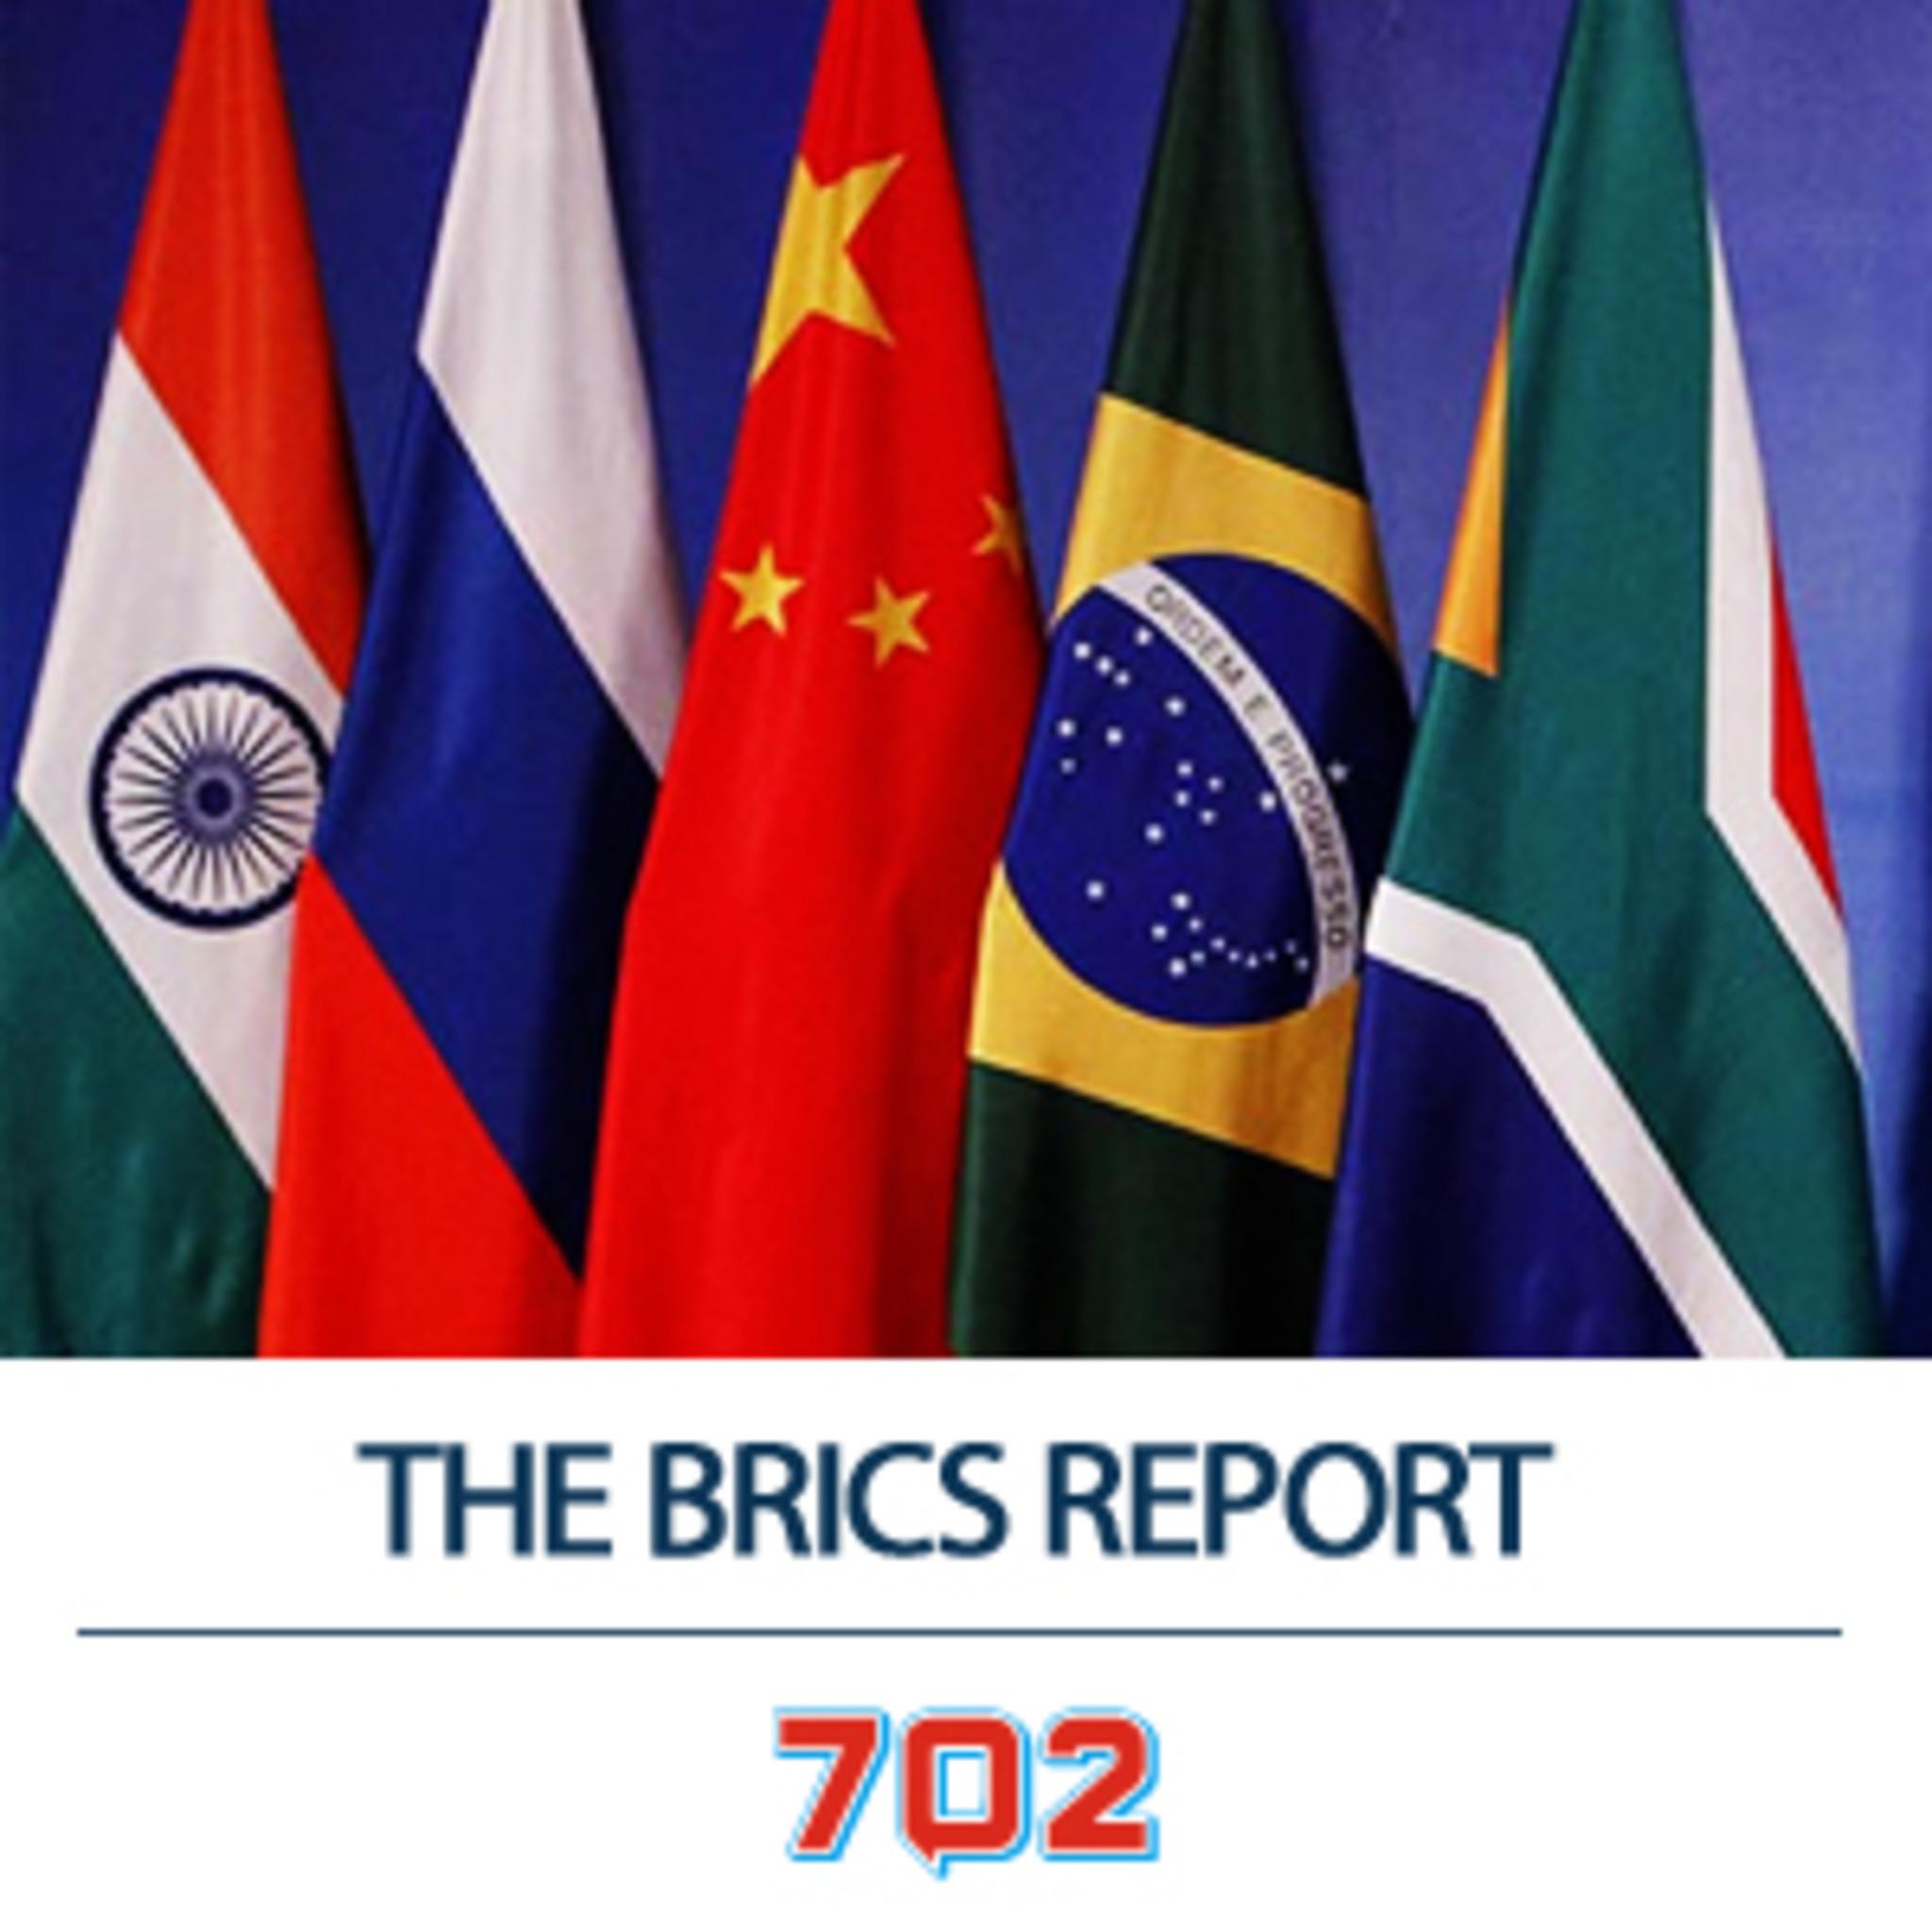 BRICS Report: China